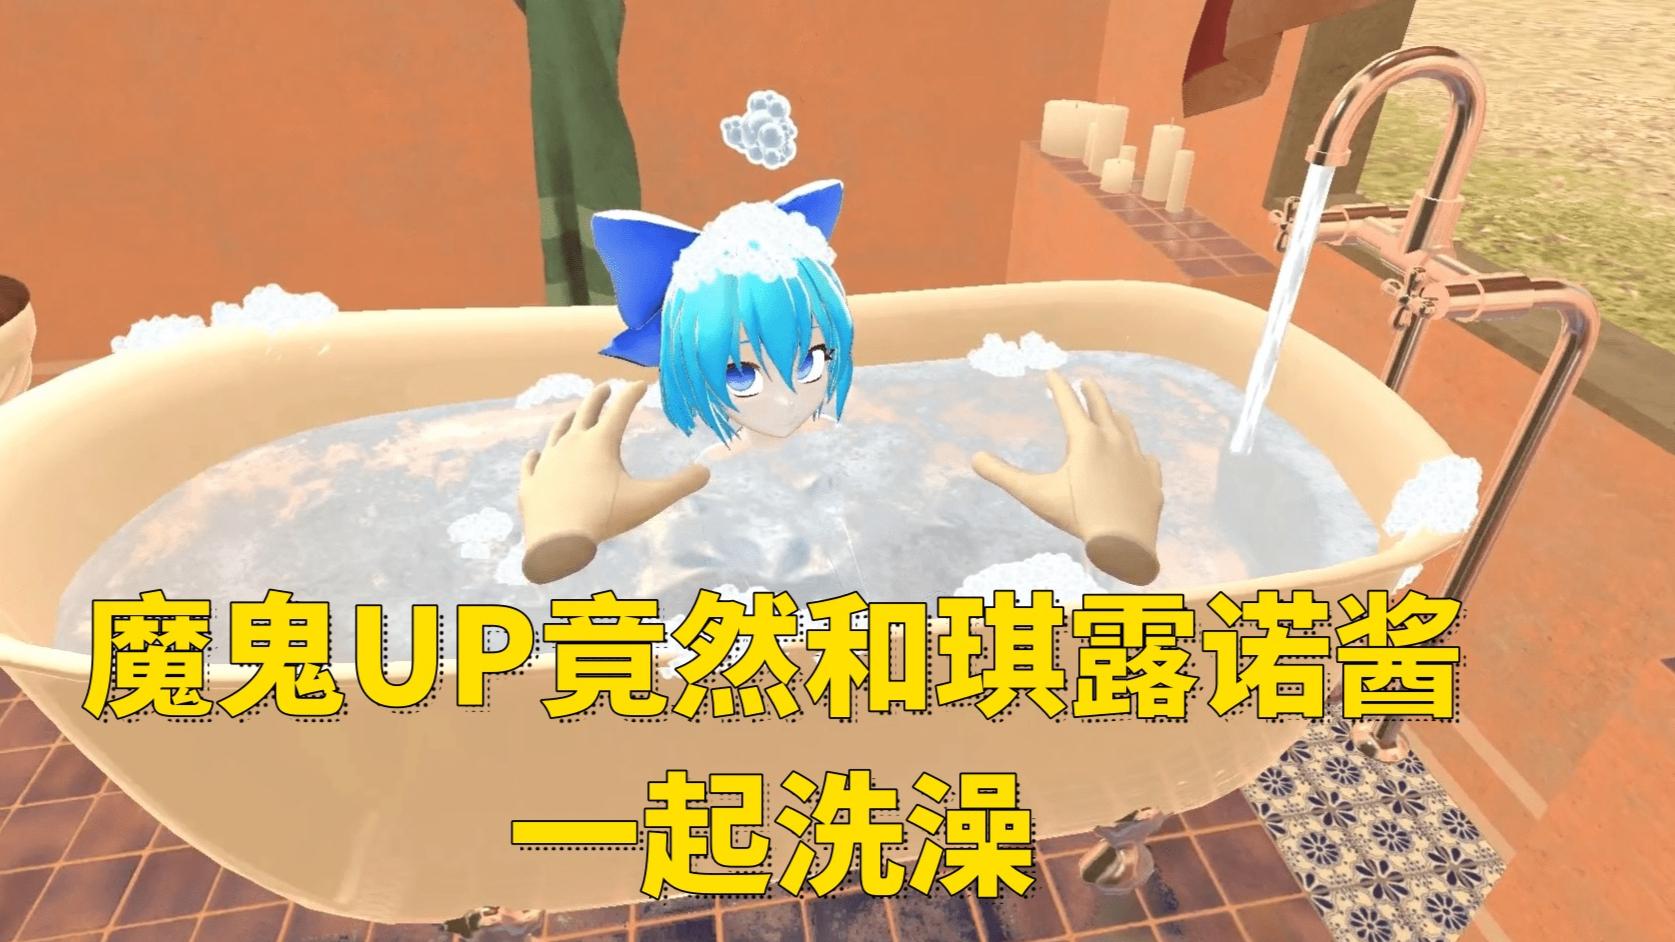 【东方project】一款能和琪露诺酱一起洗澡的游戏